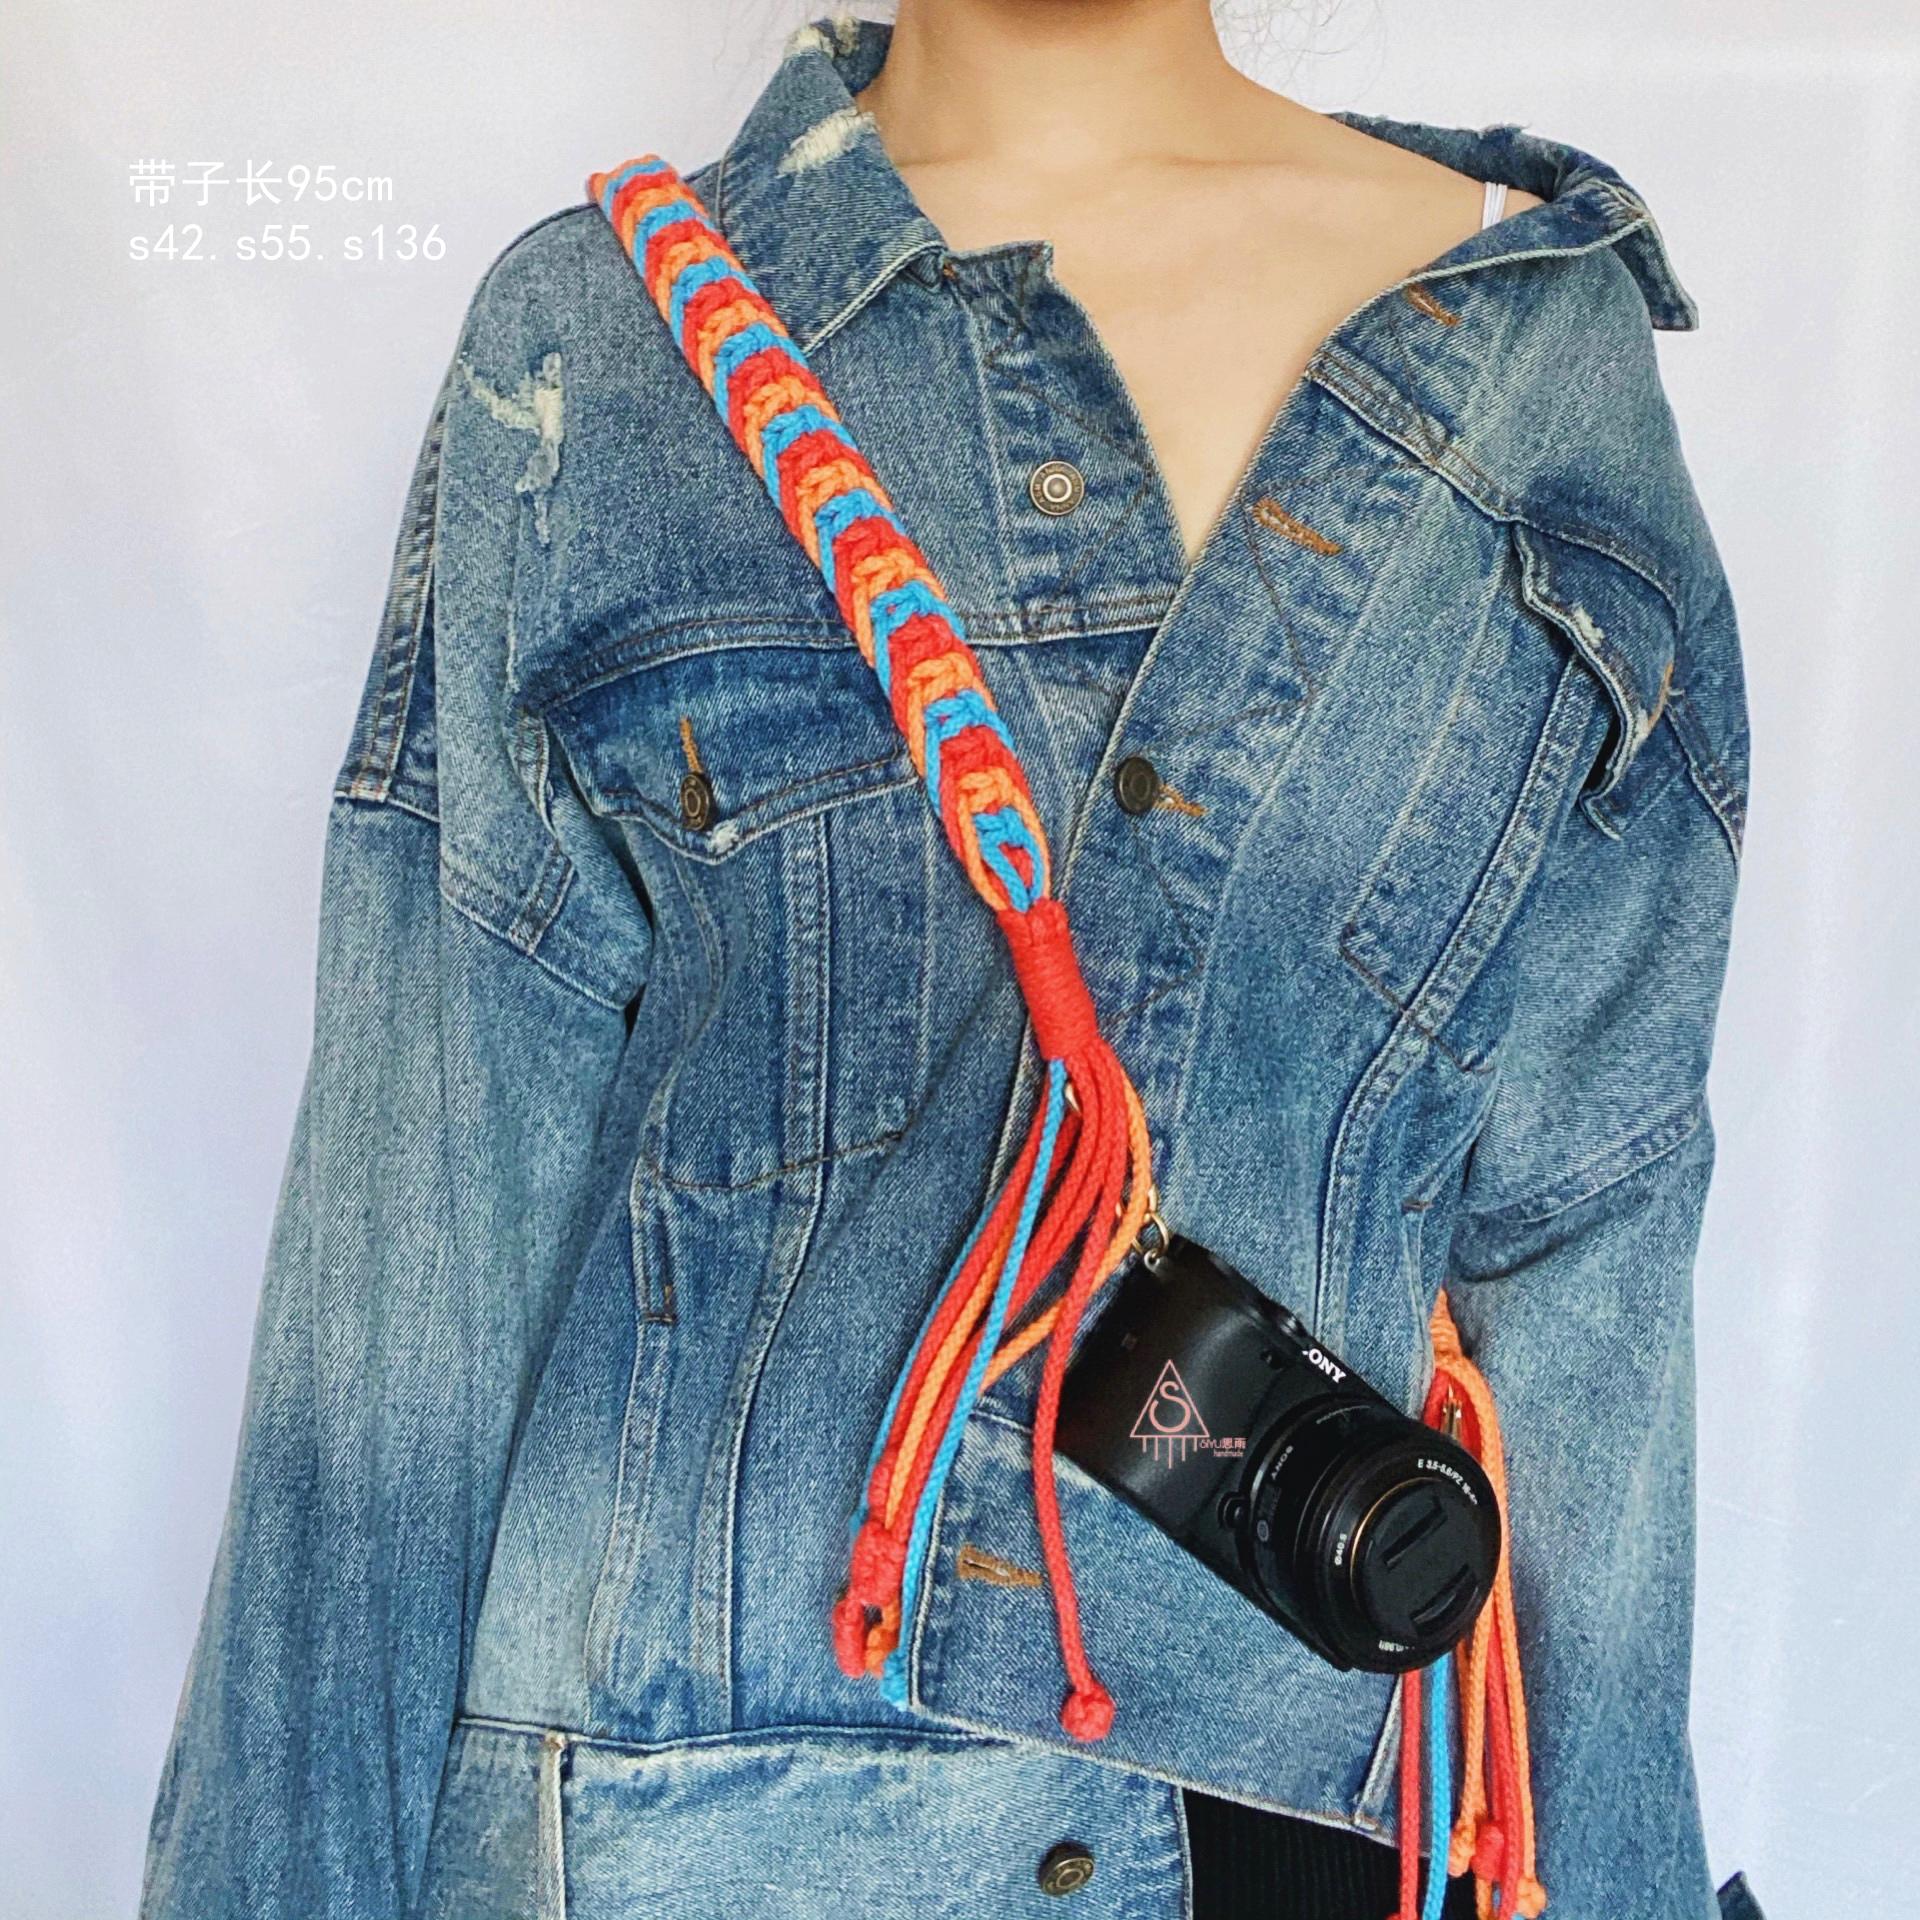 SIYU思雨 S2401包包背带肩带配件宽编织绳编女小众设计腋下包带